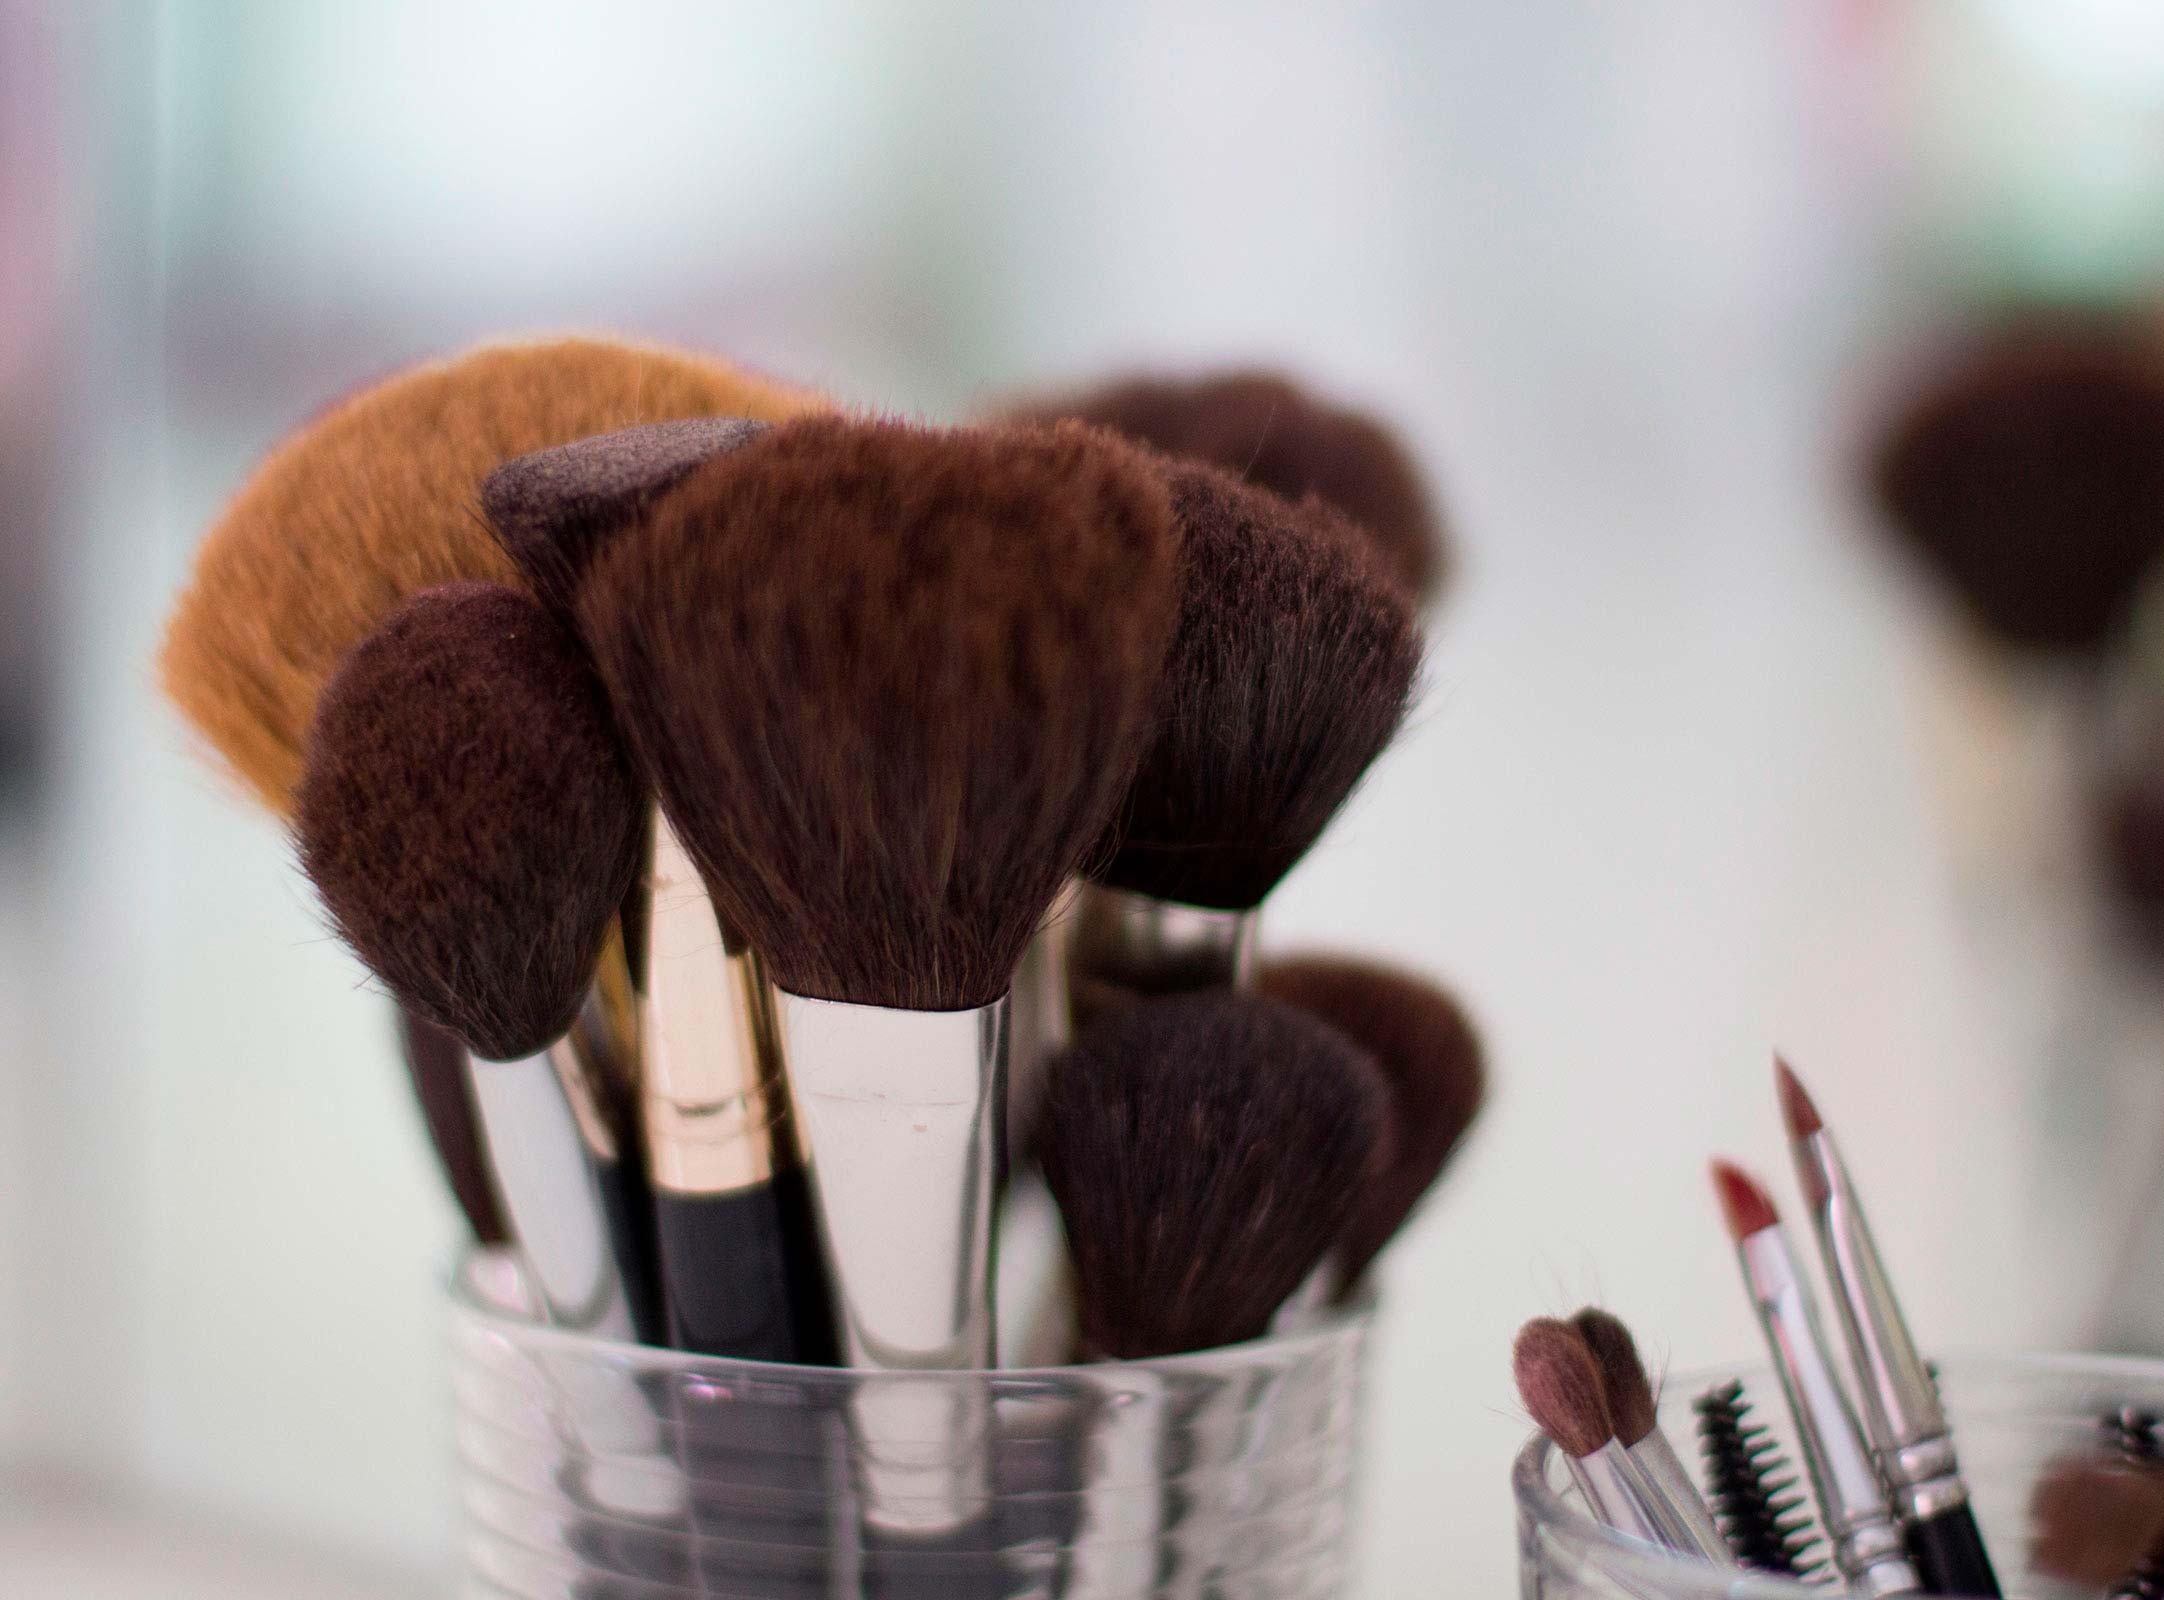 makeupbrushthumb2